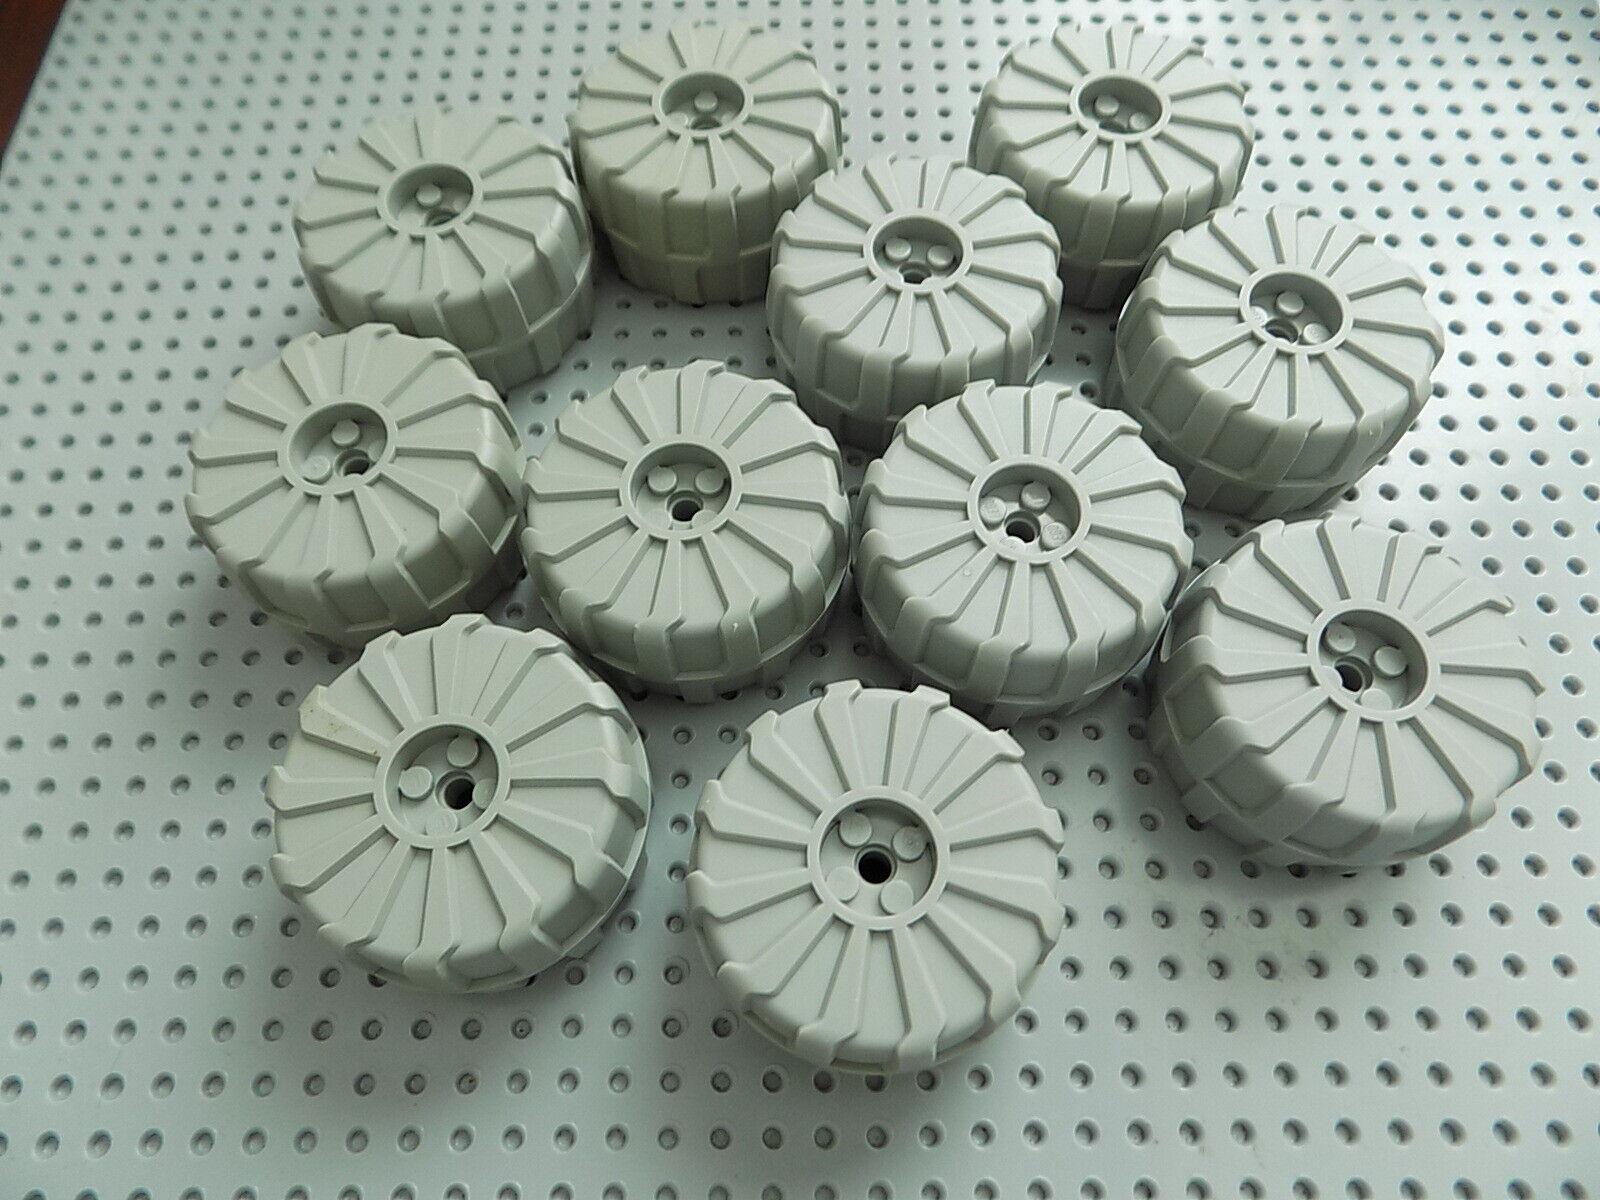 11 Lego la parte 2515 gris Claro Plástico Duro Rueda Grande (D. 54mm X 30mm) 10019